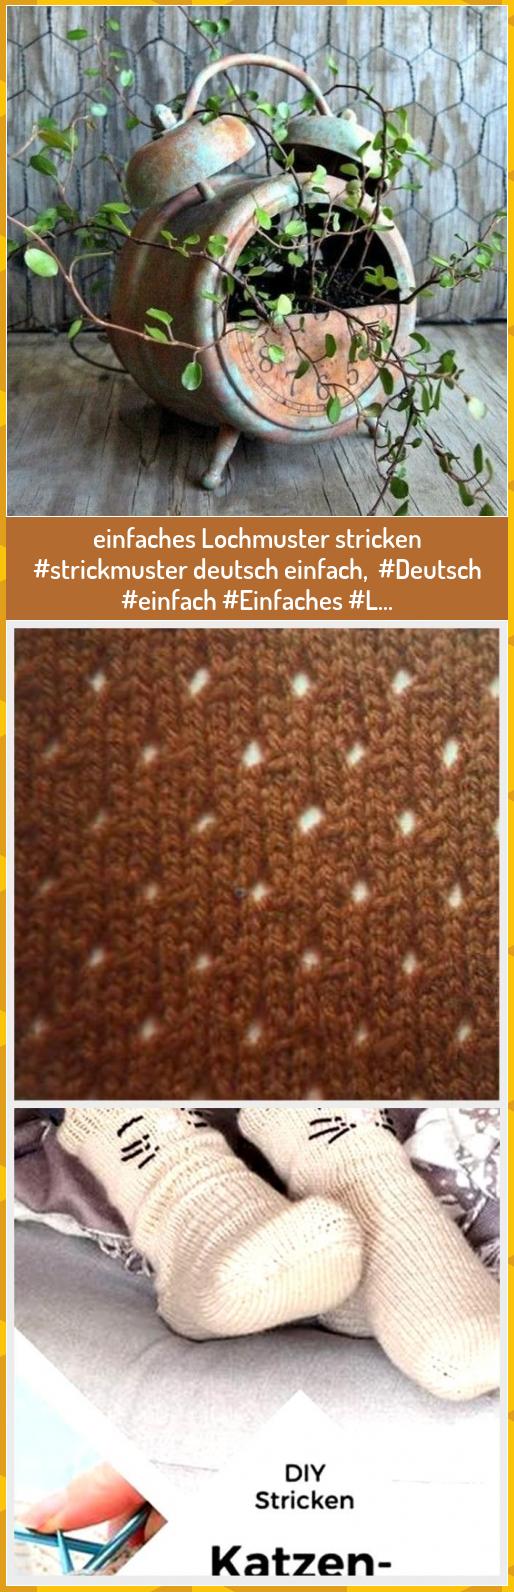 Photo of einfaches Lochmuster stricken #strickmuster deutsch einfach,  #Deutsch #einfach …